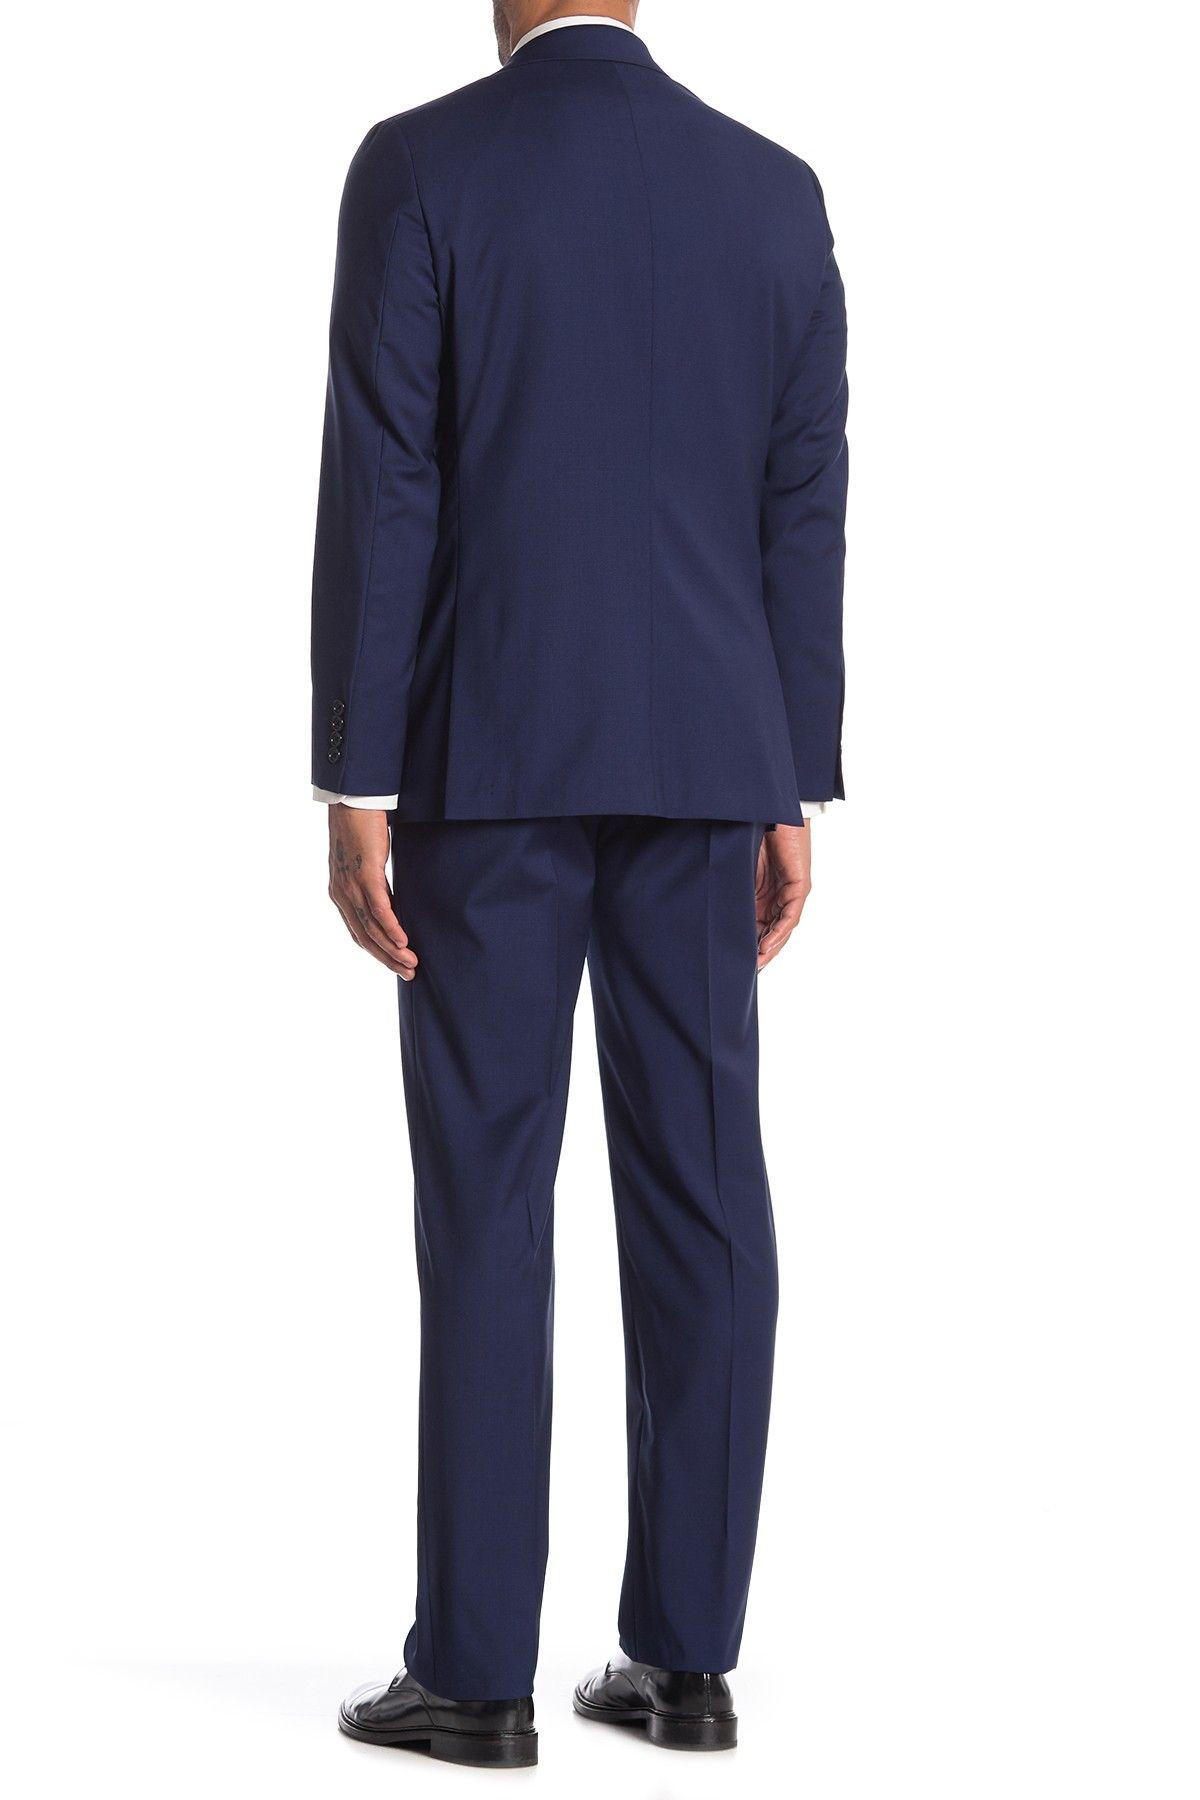 Hickey Freeman | Milburn IM Series Blue Classic Fit Wool Suit #nordstromrack